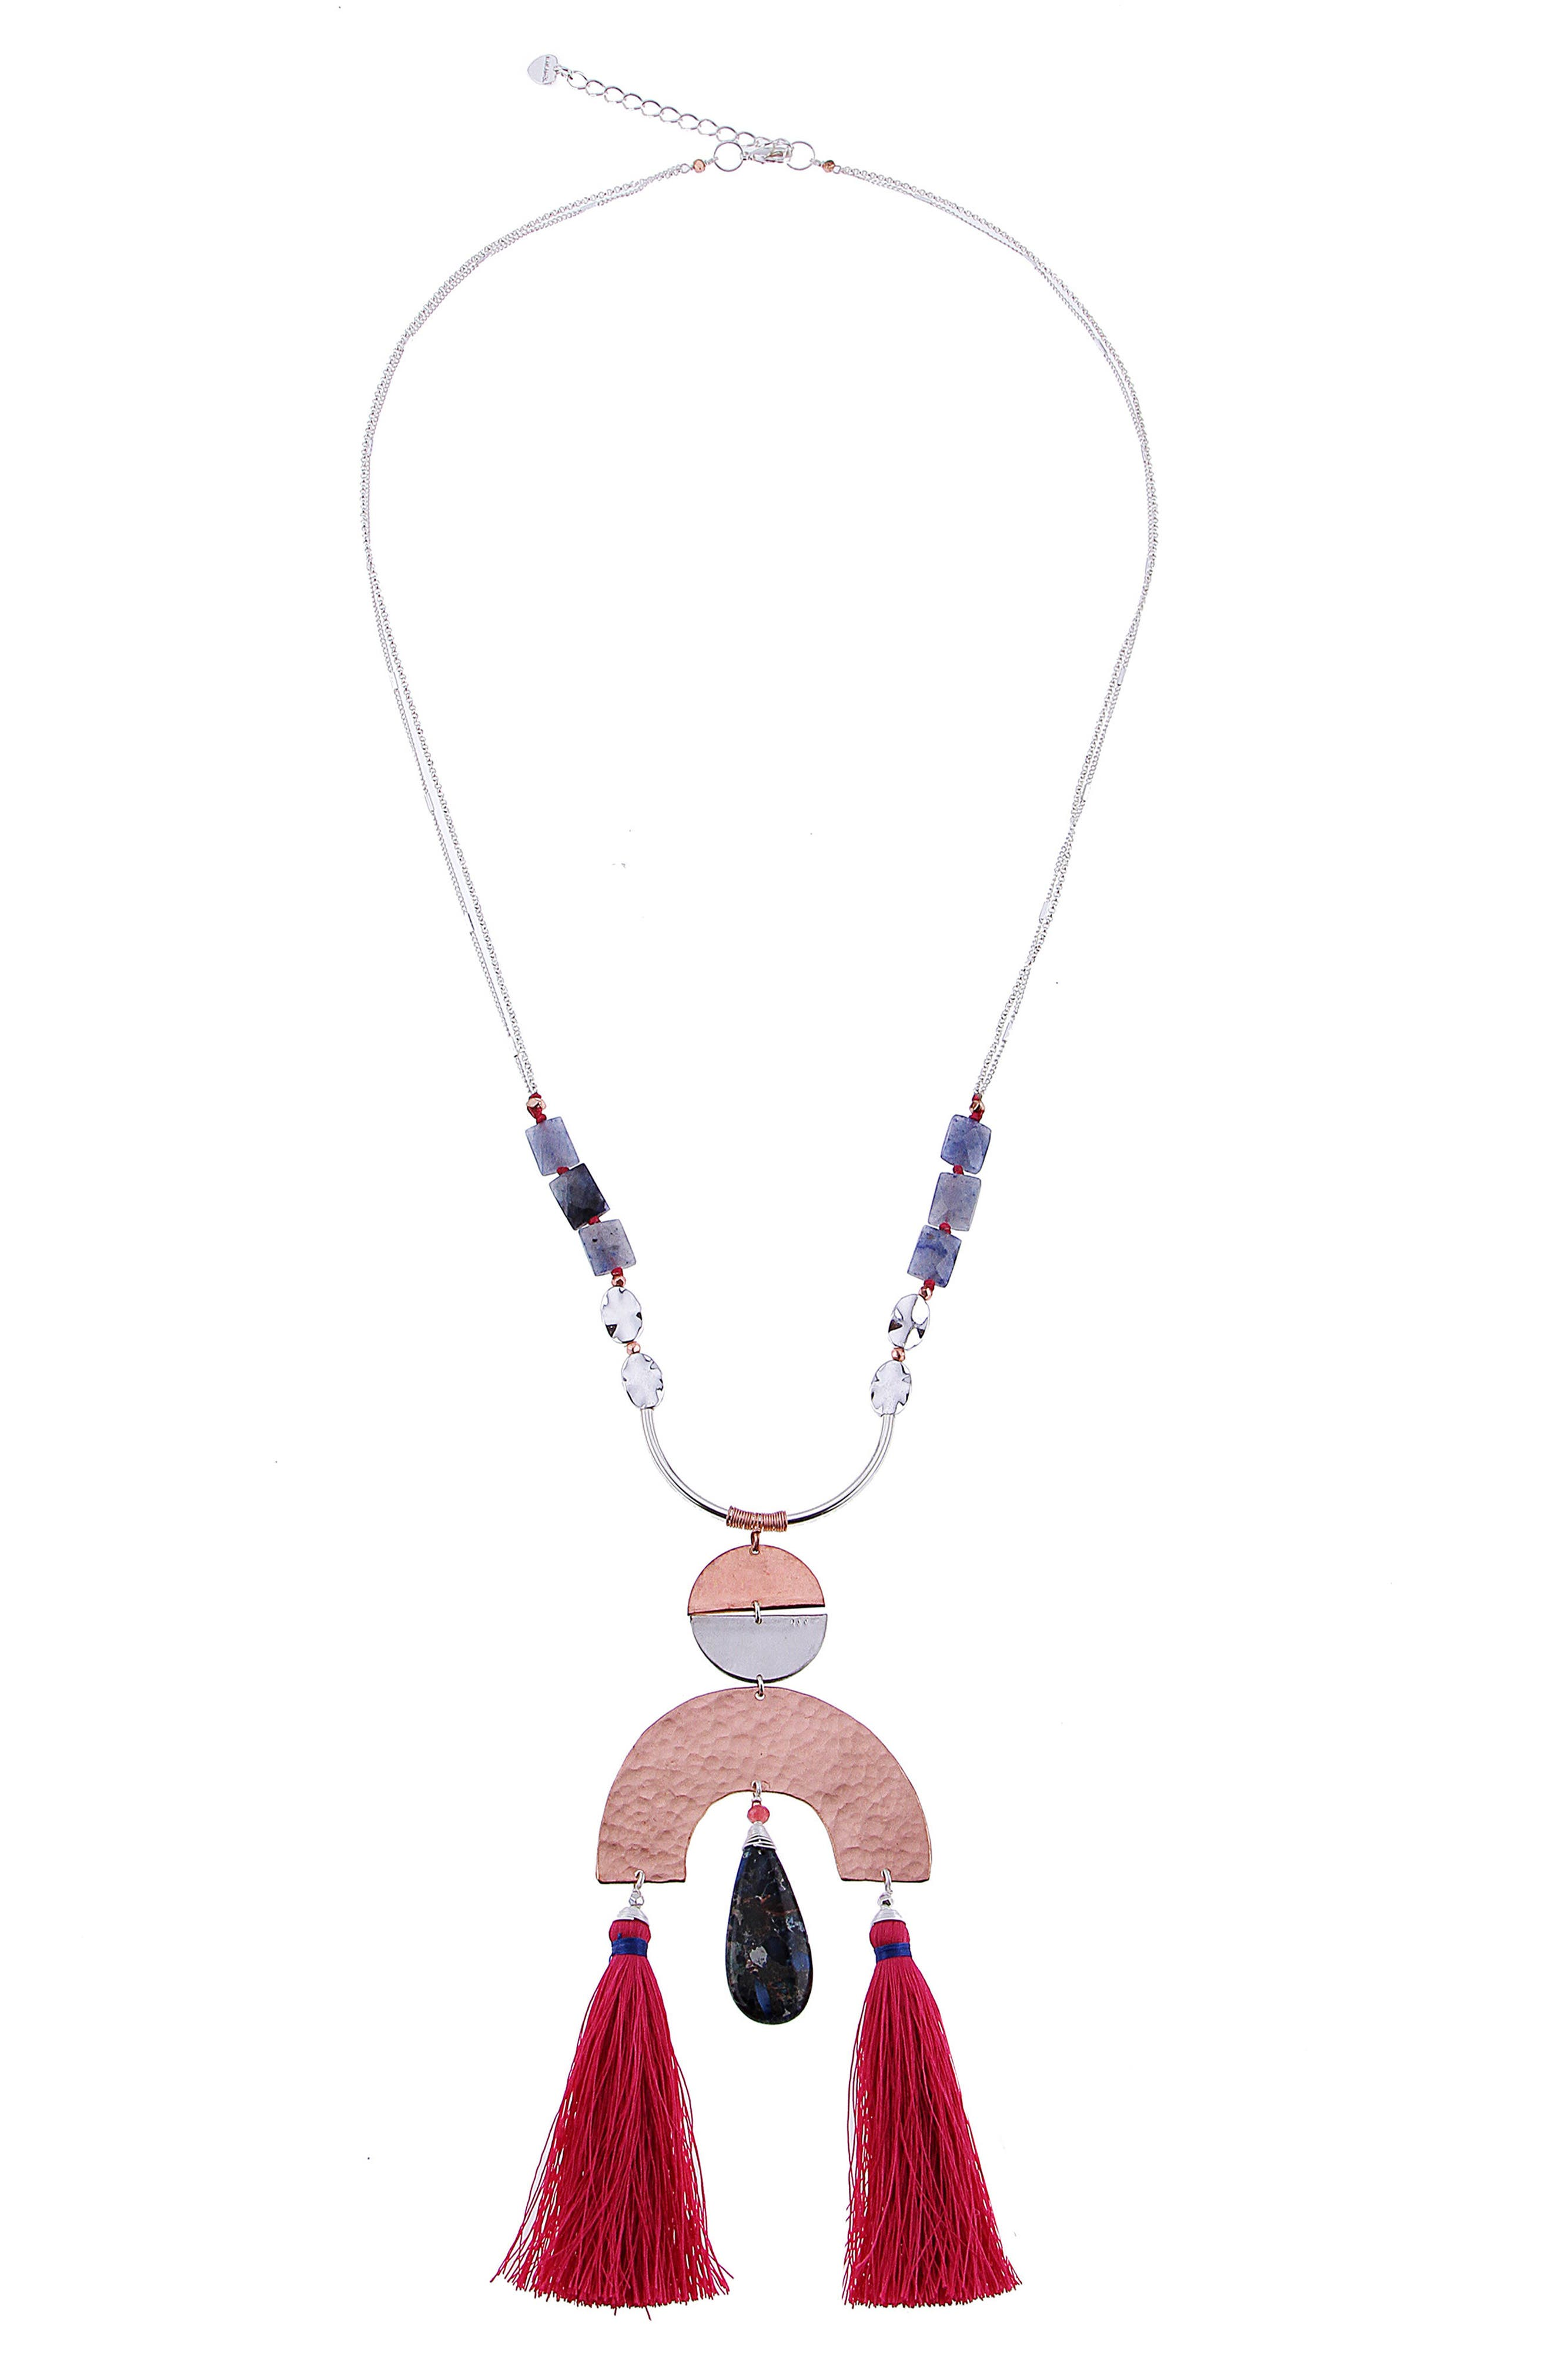 Double Tassel Agate Pendant Necklace,                             Main thumbnail 1, color,